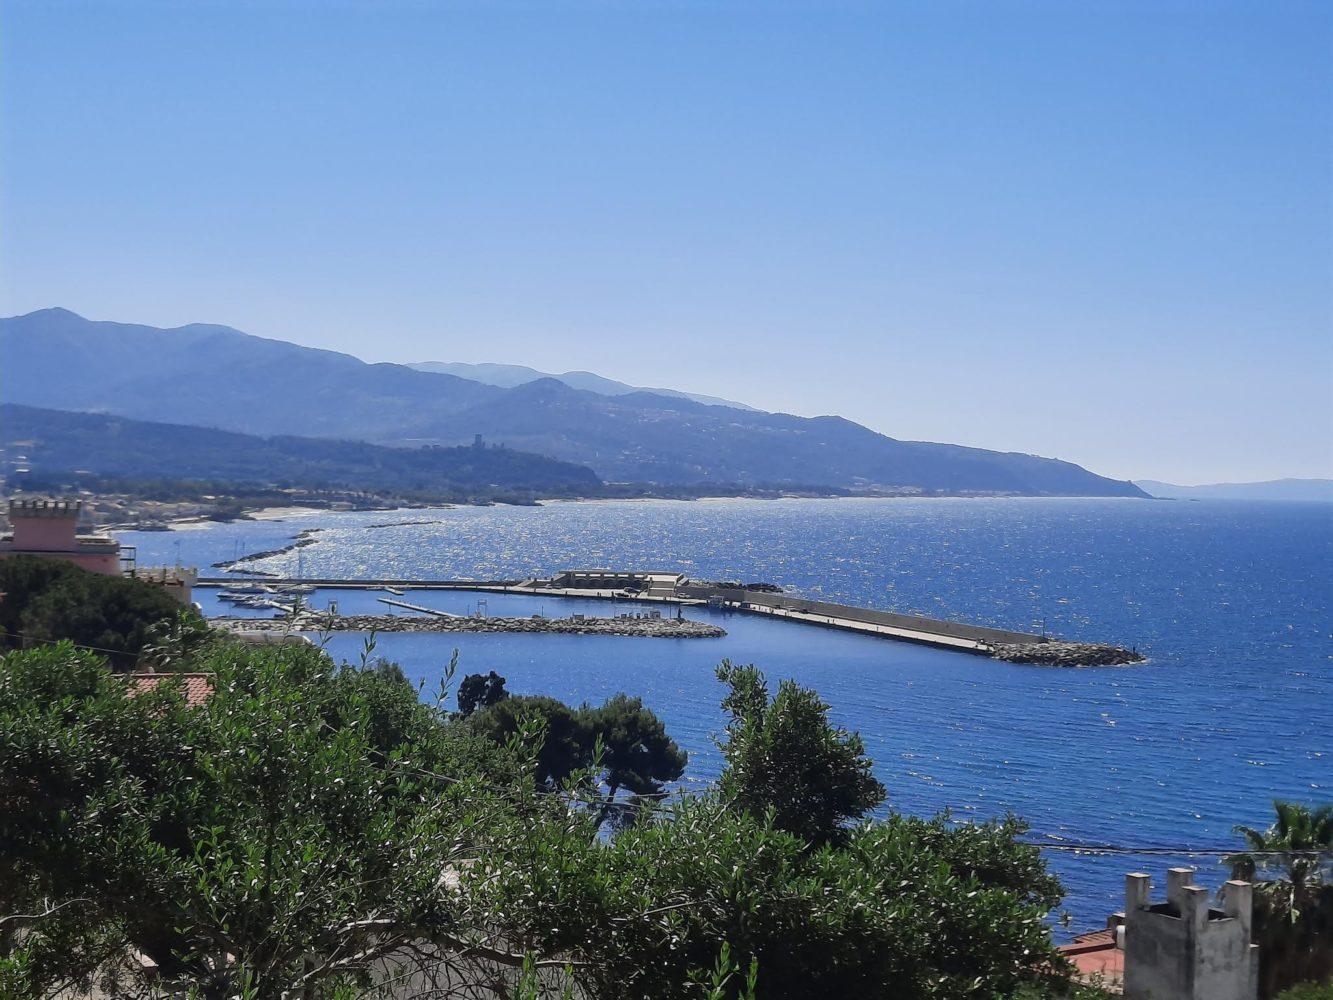 Le spiagge di Casal Velino spiaggia il cilentano (3)